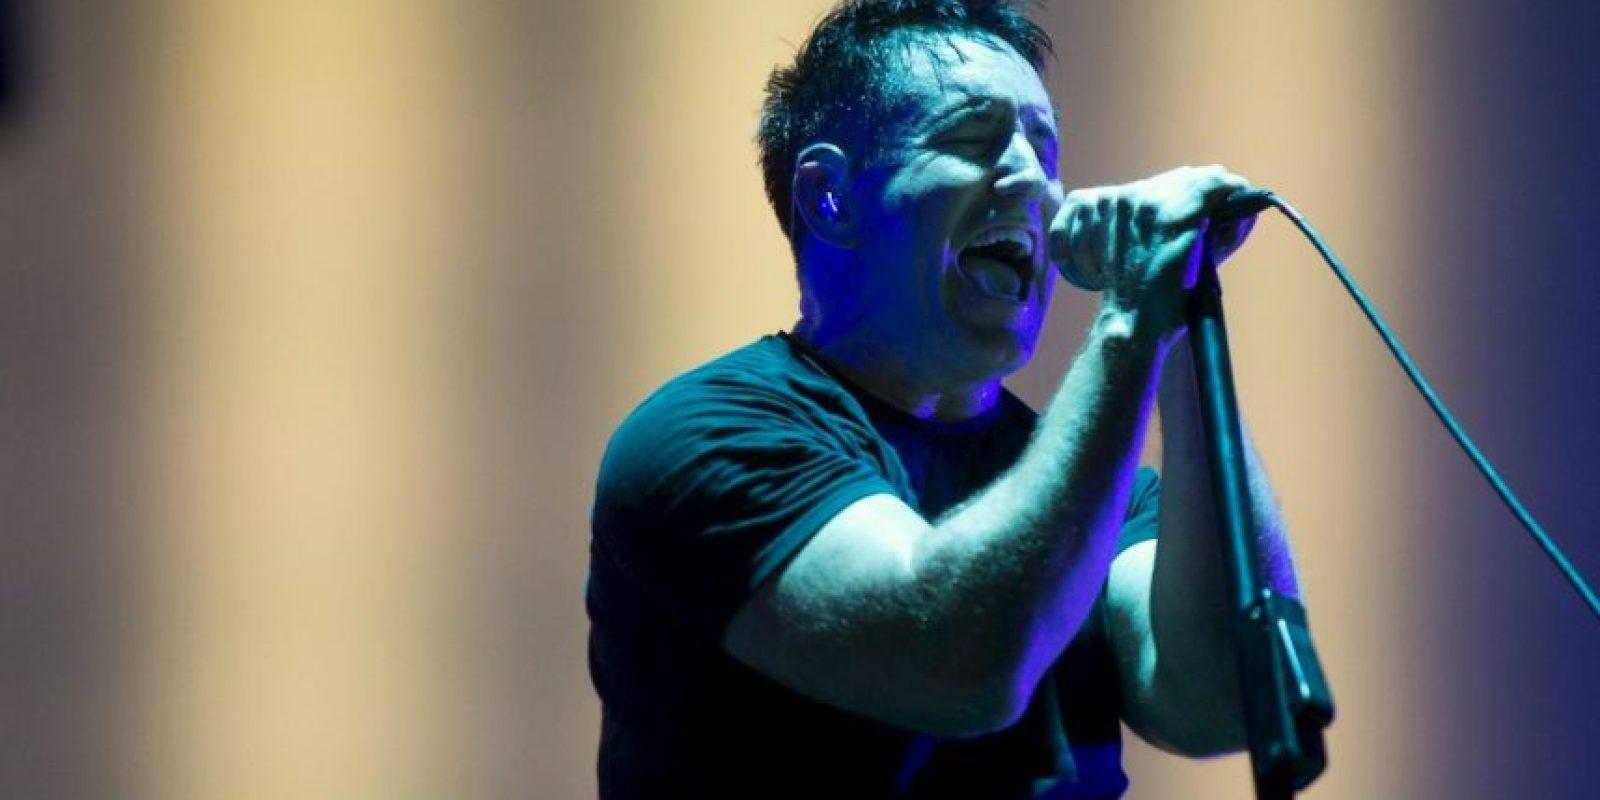 Sigue siendo aclamado musicalmente, pero ya no tiene su misma apariencia Foto:Getty Images